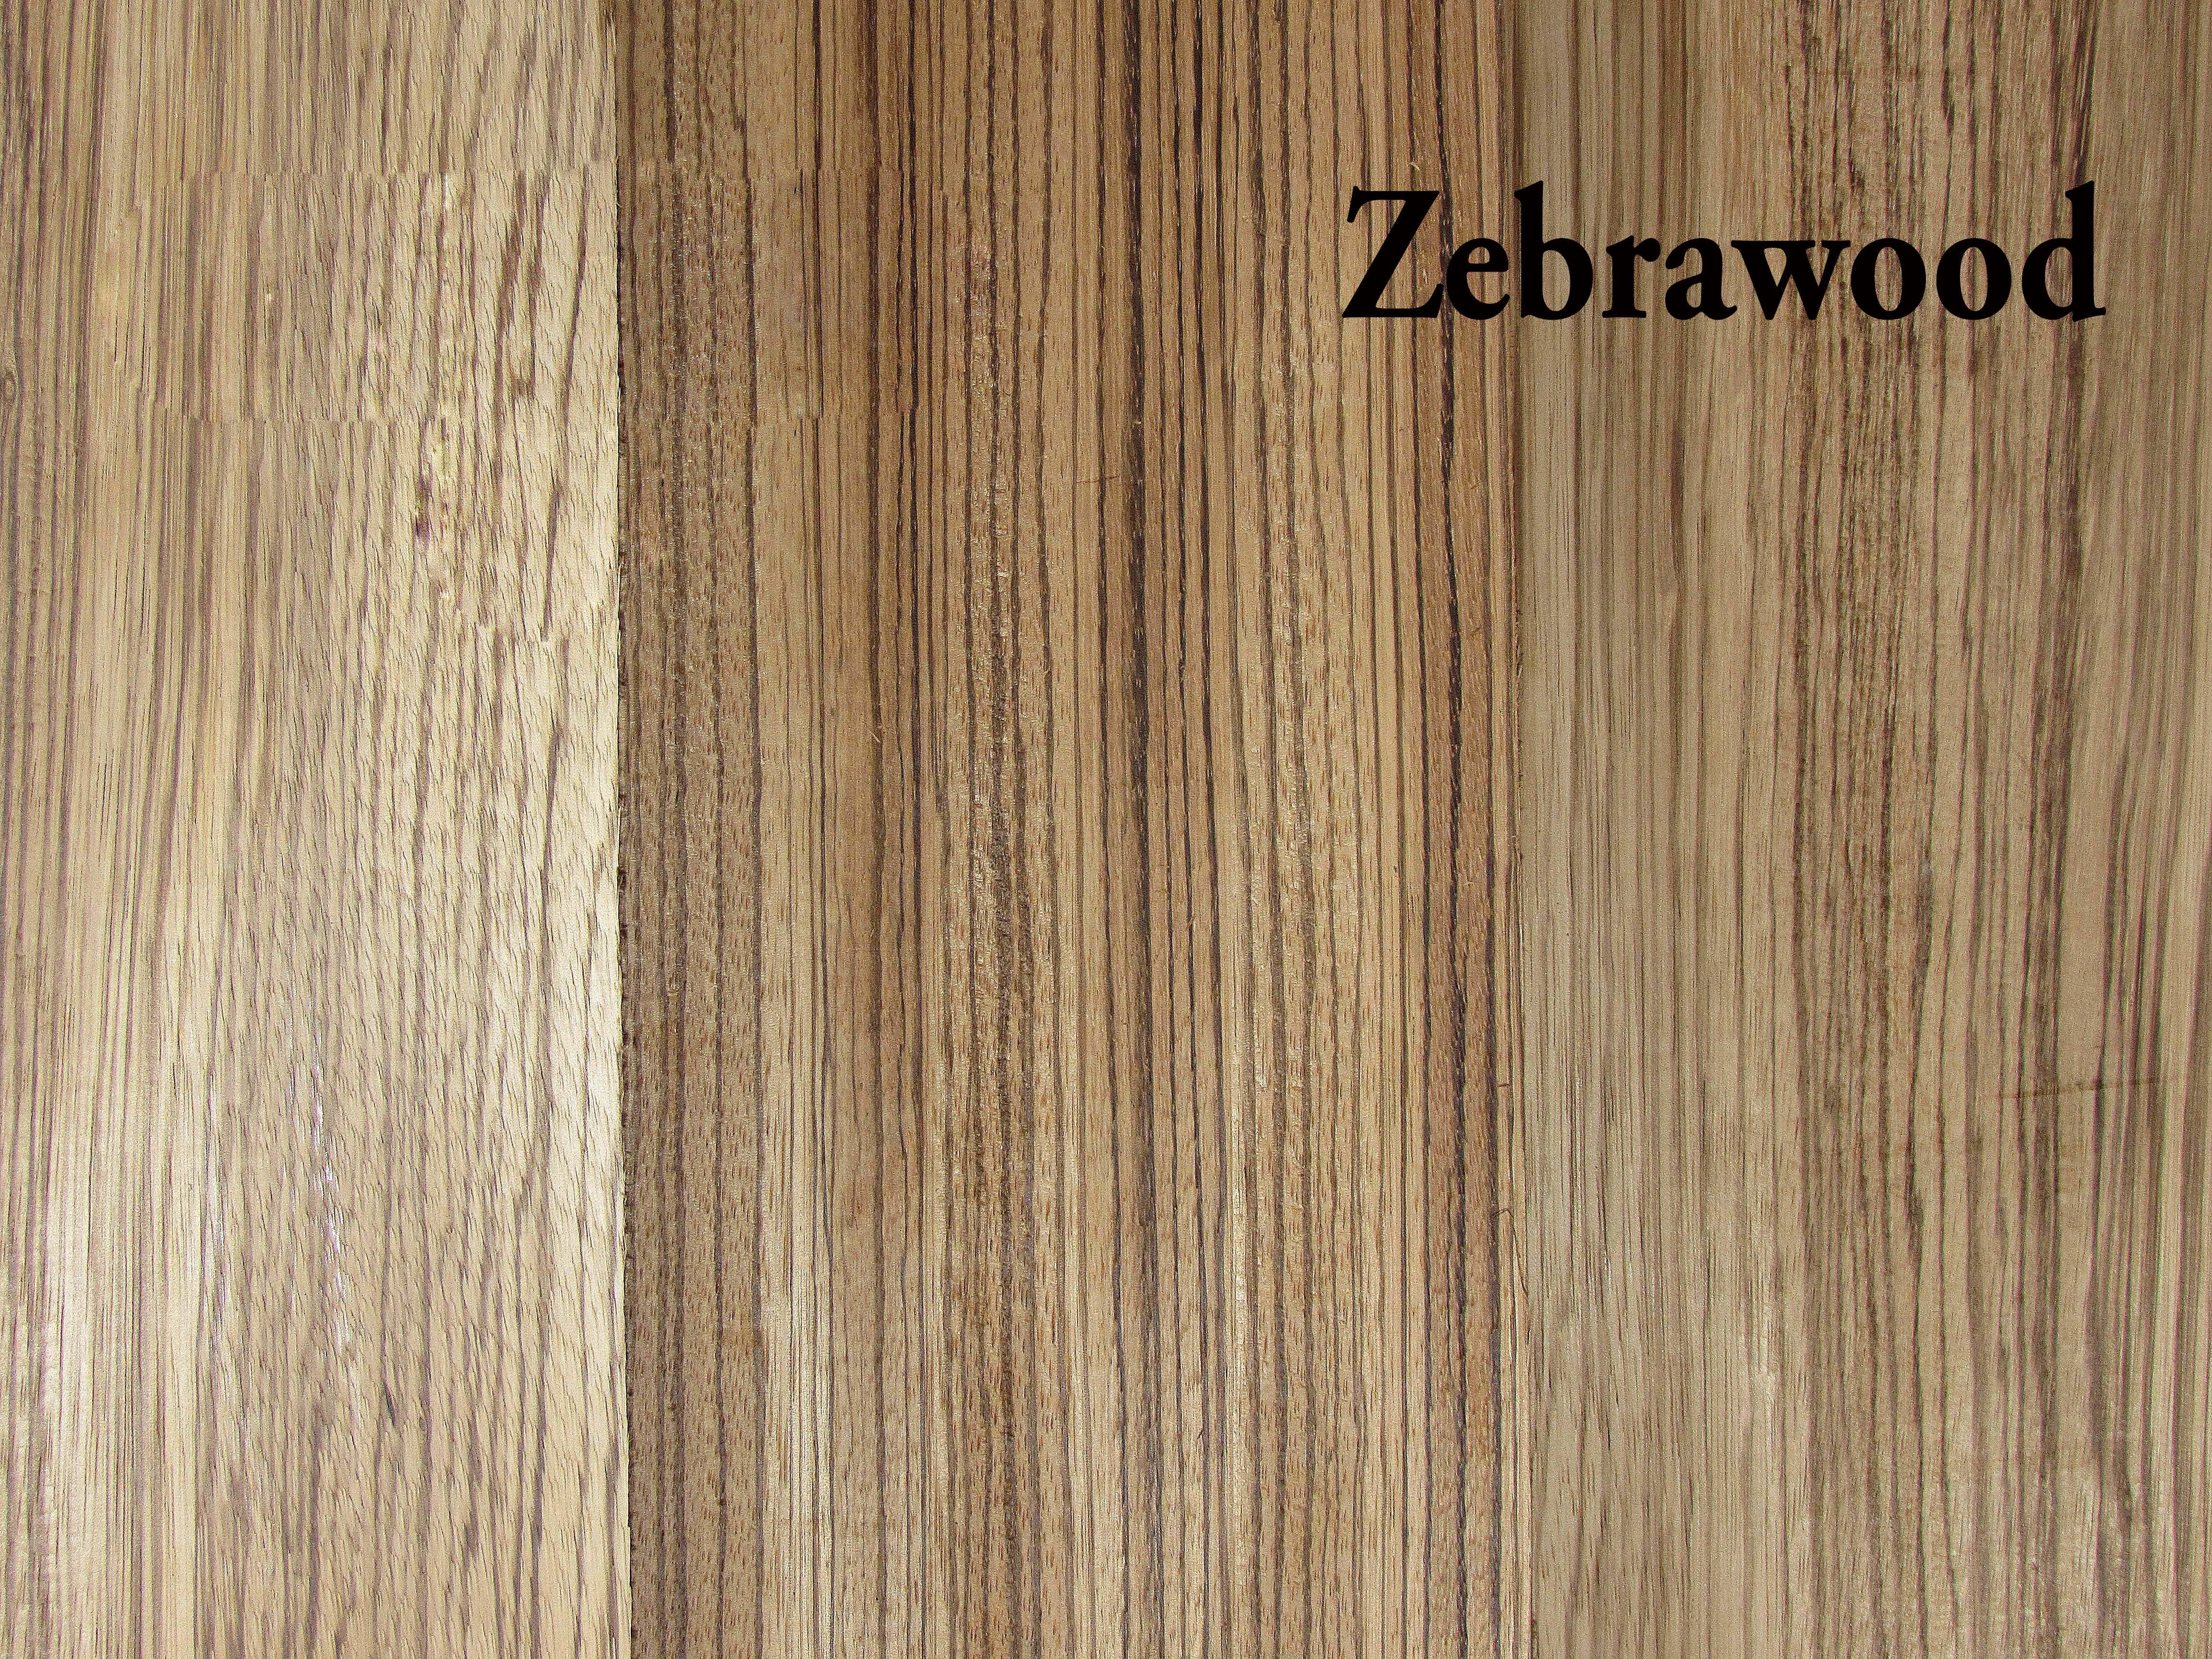 Zebrawood Hardwood S2s1e Capitol City Lumber